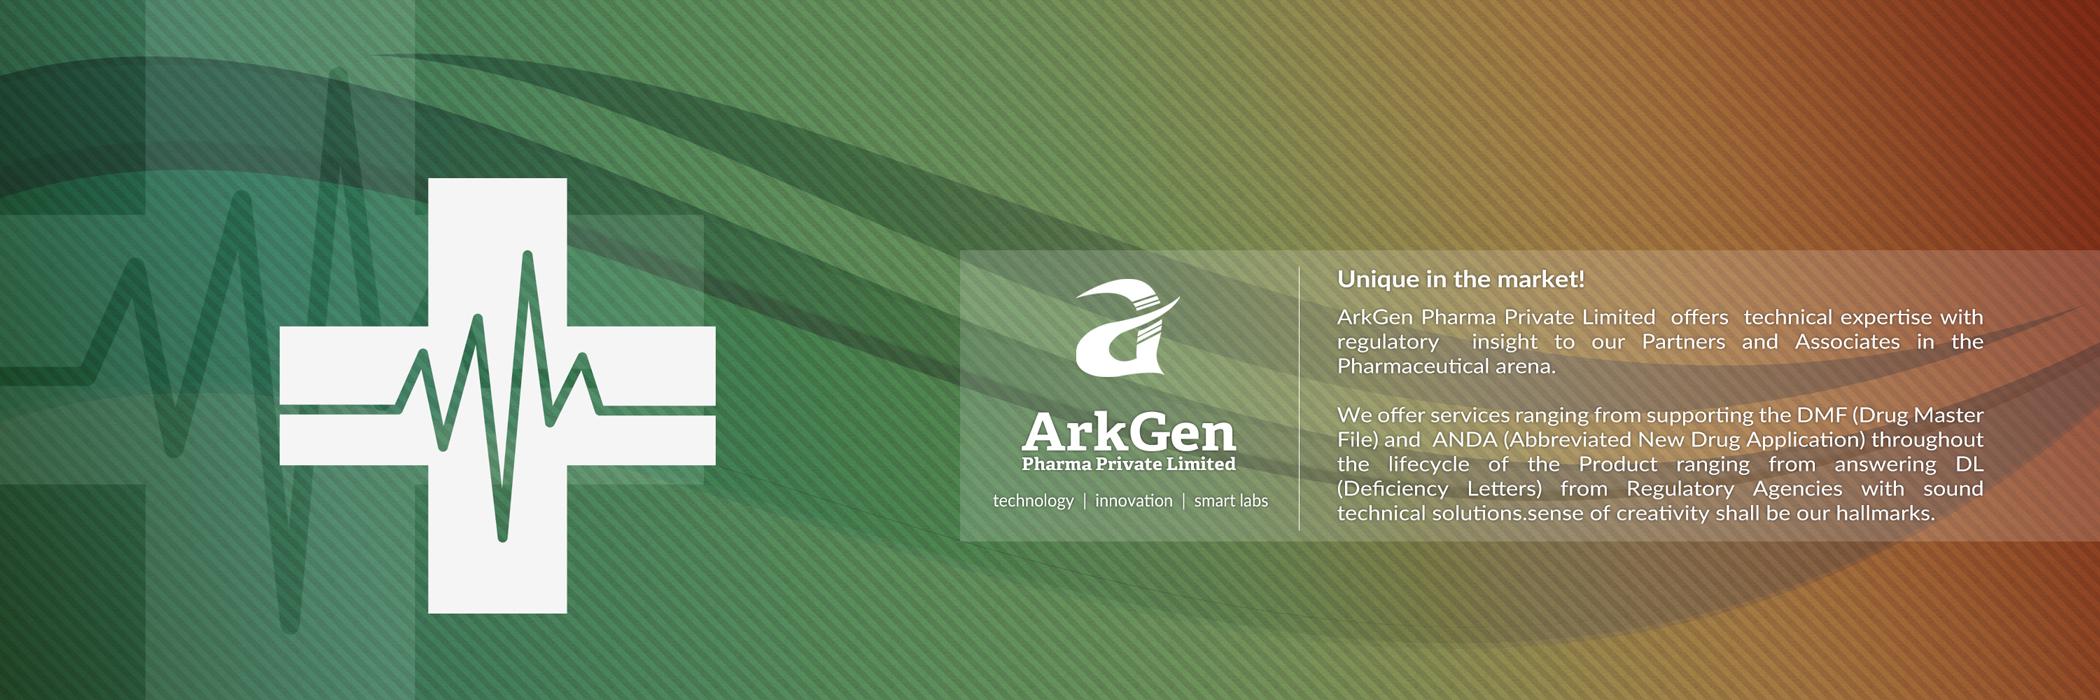 ArkGen-Pharma11